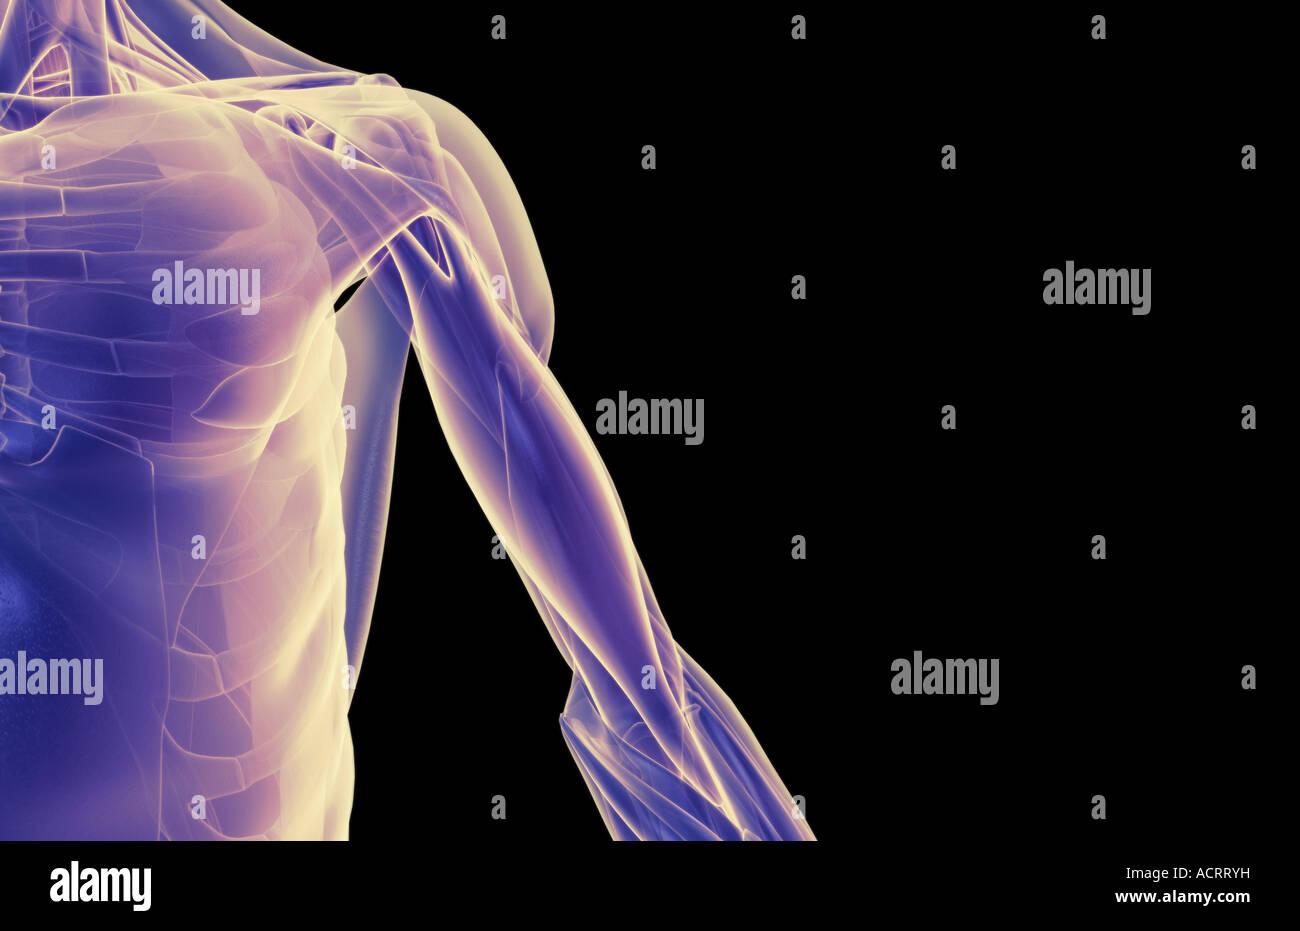 Die Muskeln der Schulter und Oberarm Stockfoto, Bild: 13220020 - Alamy